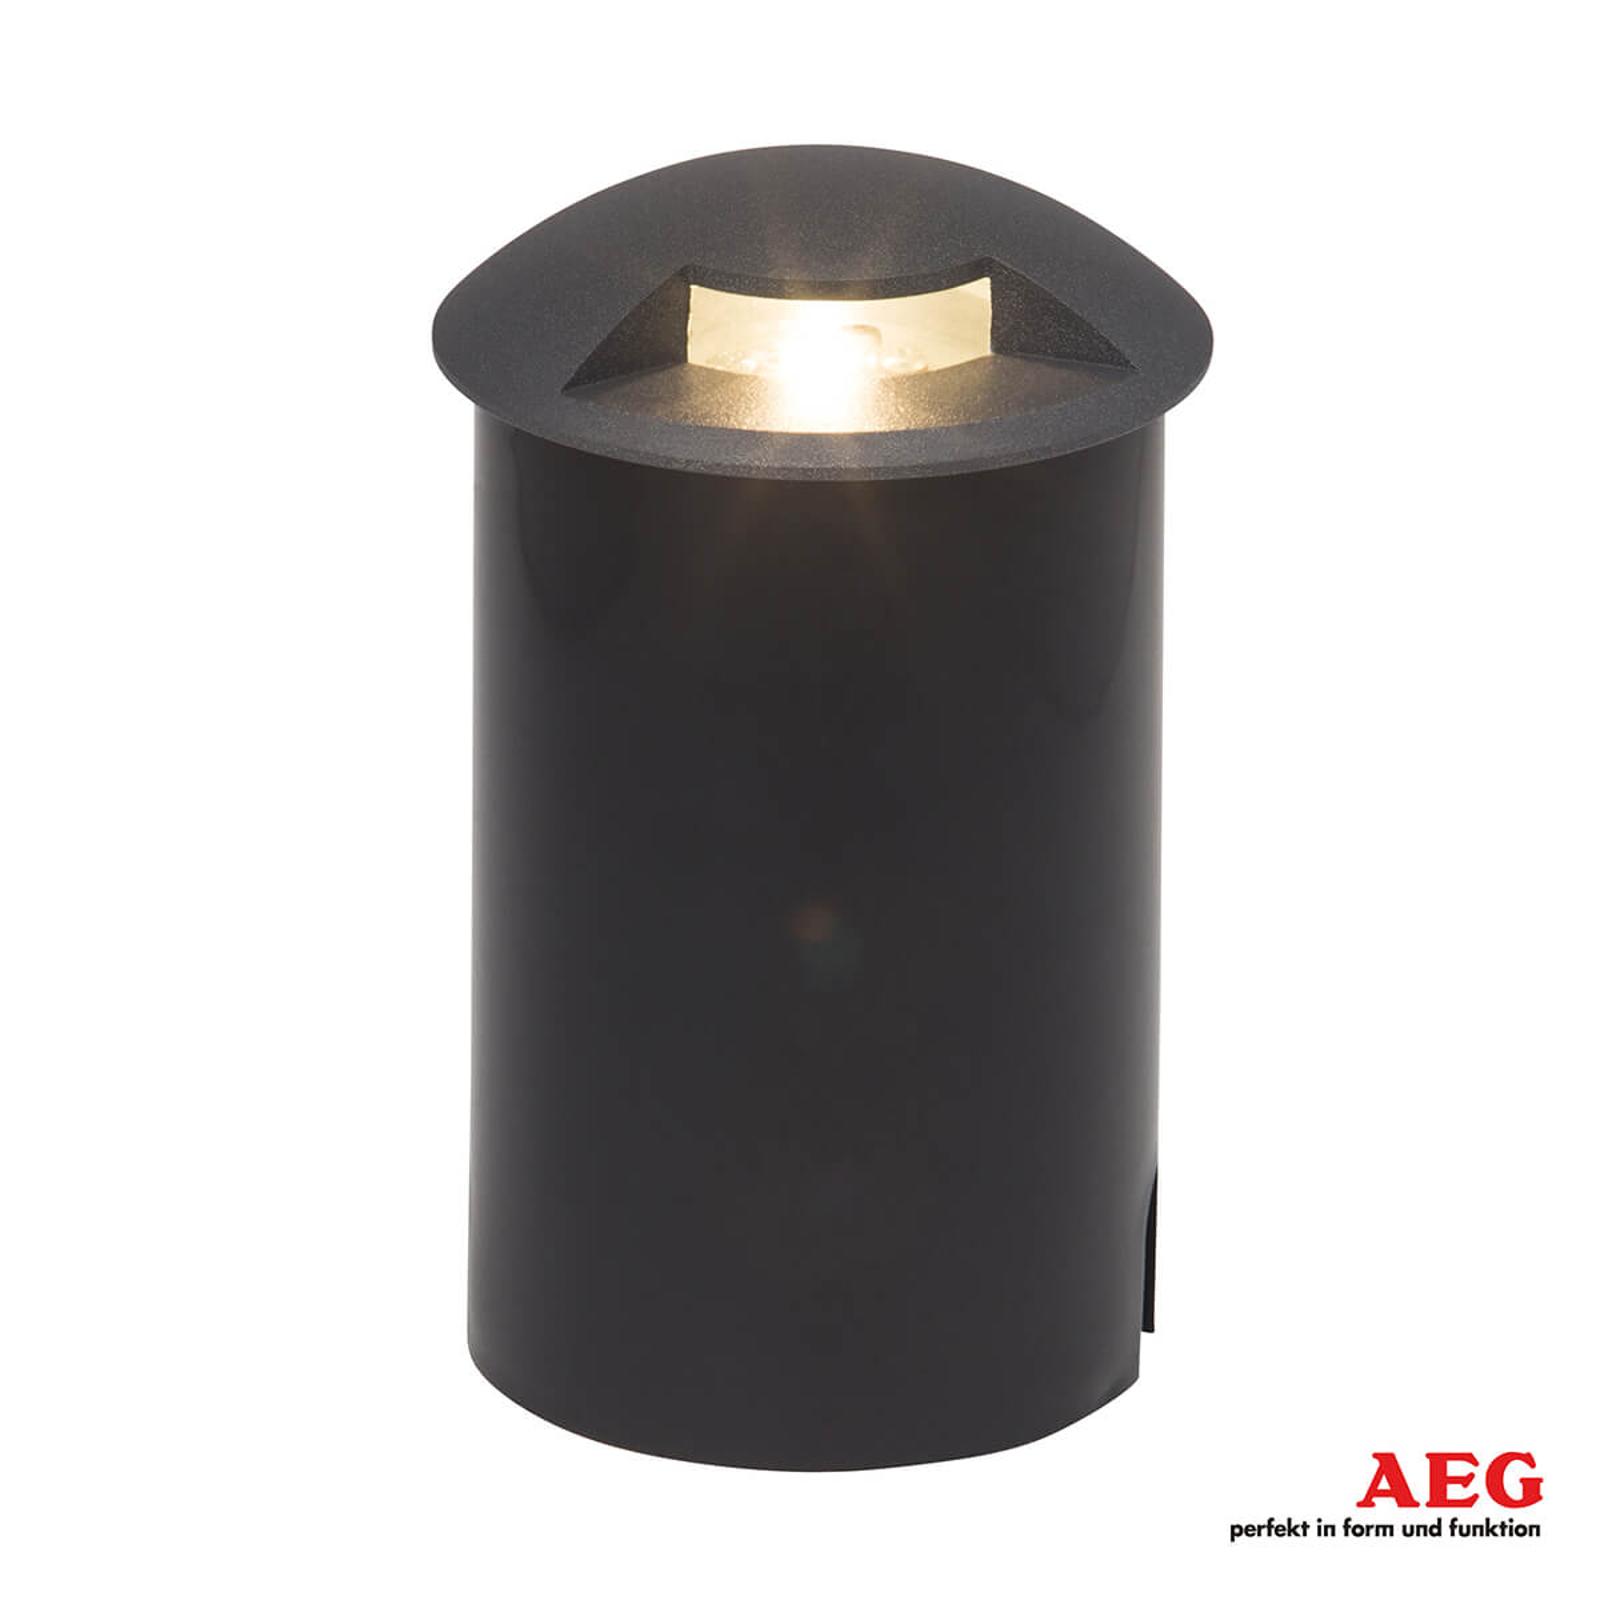 AEG Tritax - spot LED encastrable dans le sol